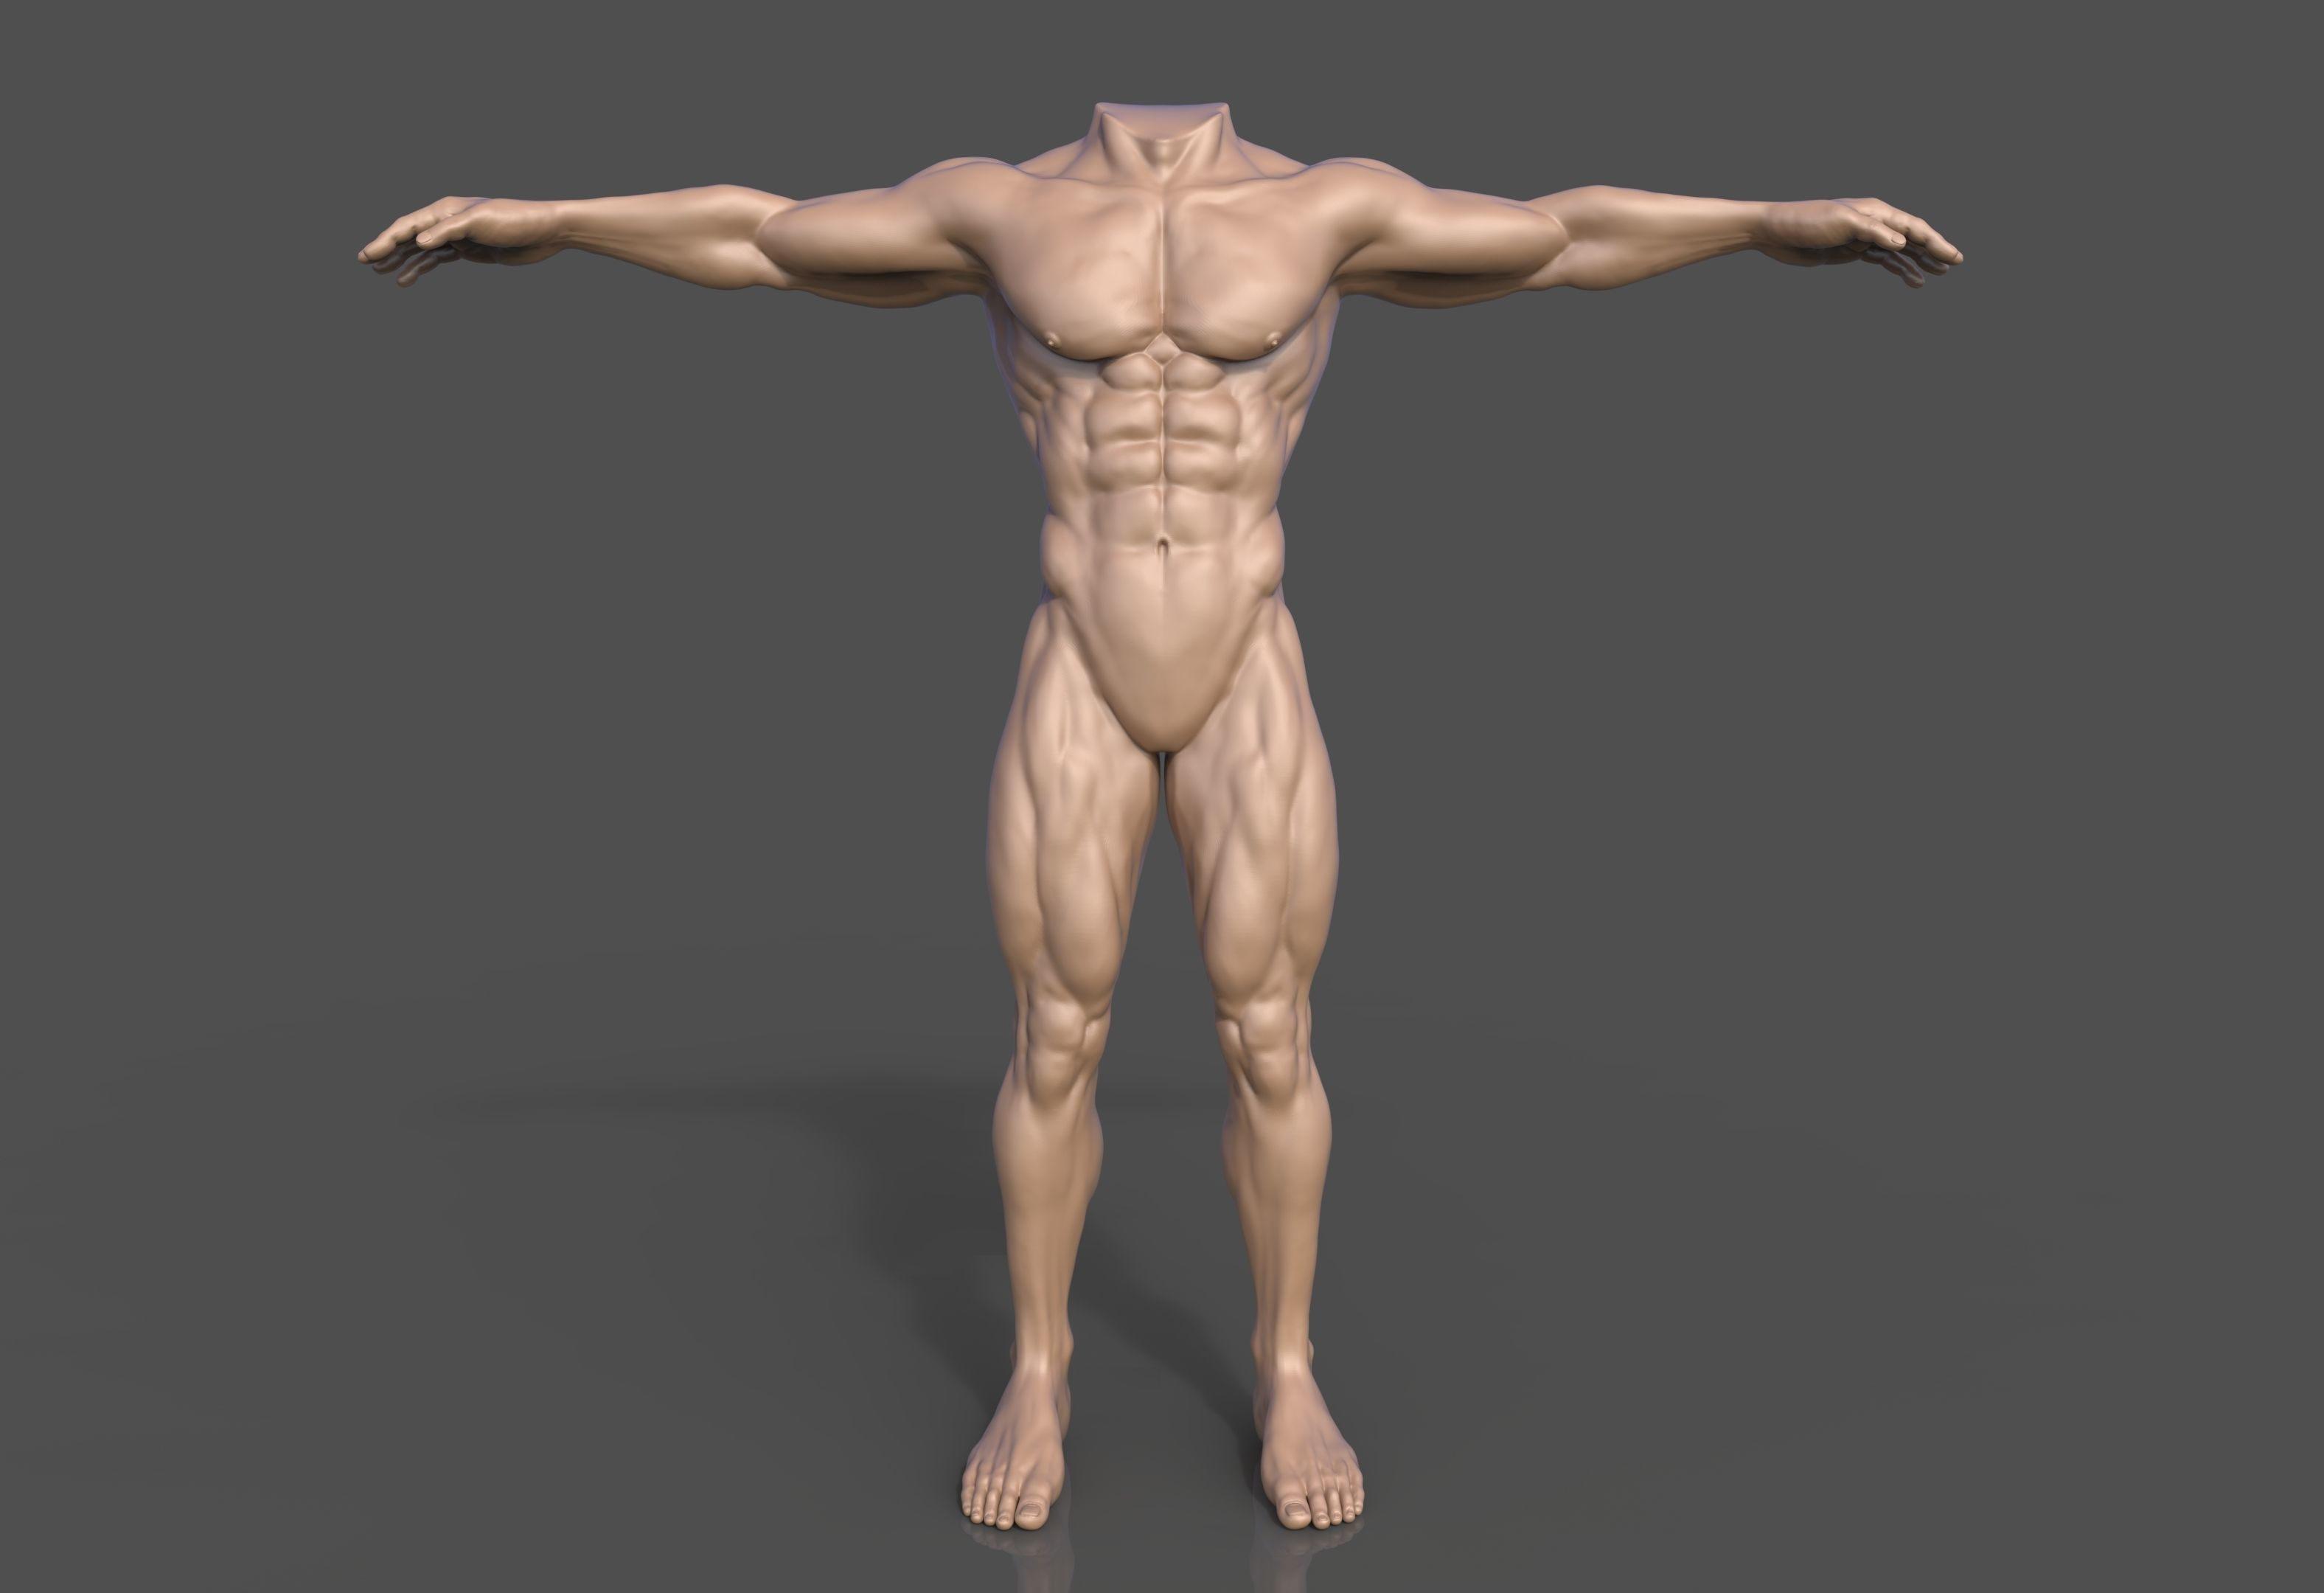 Human Male Body Fantasy Sculpt